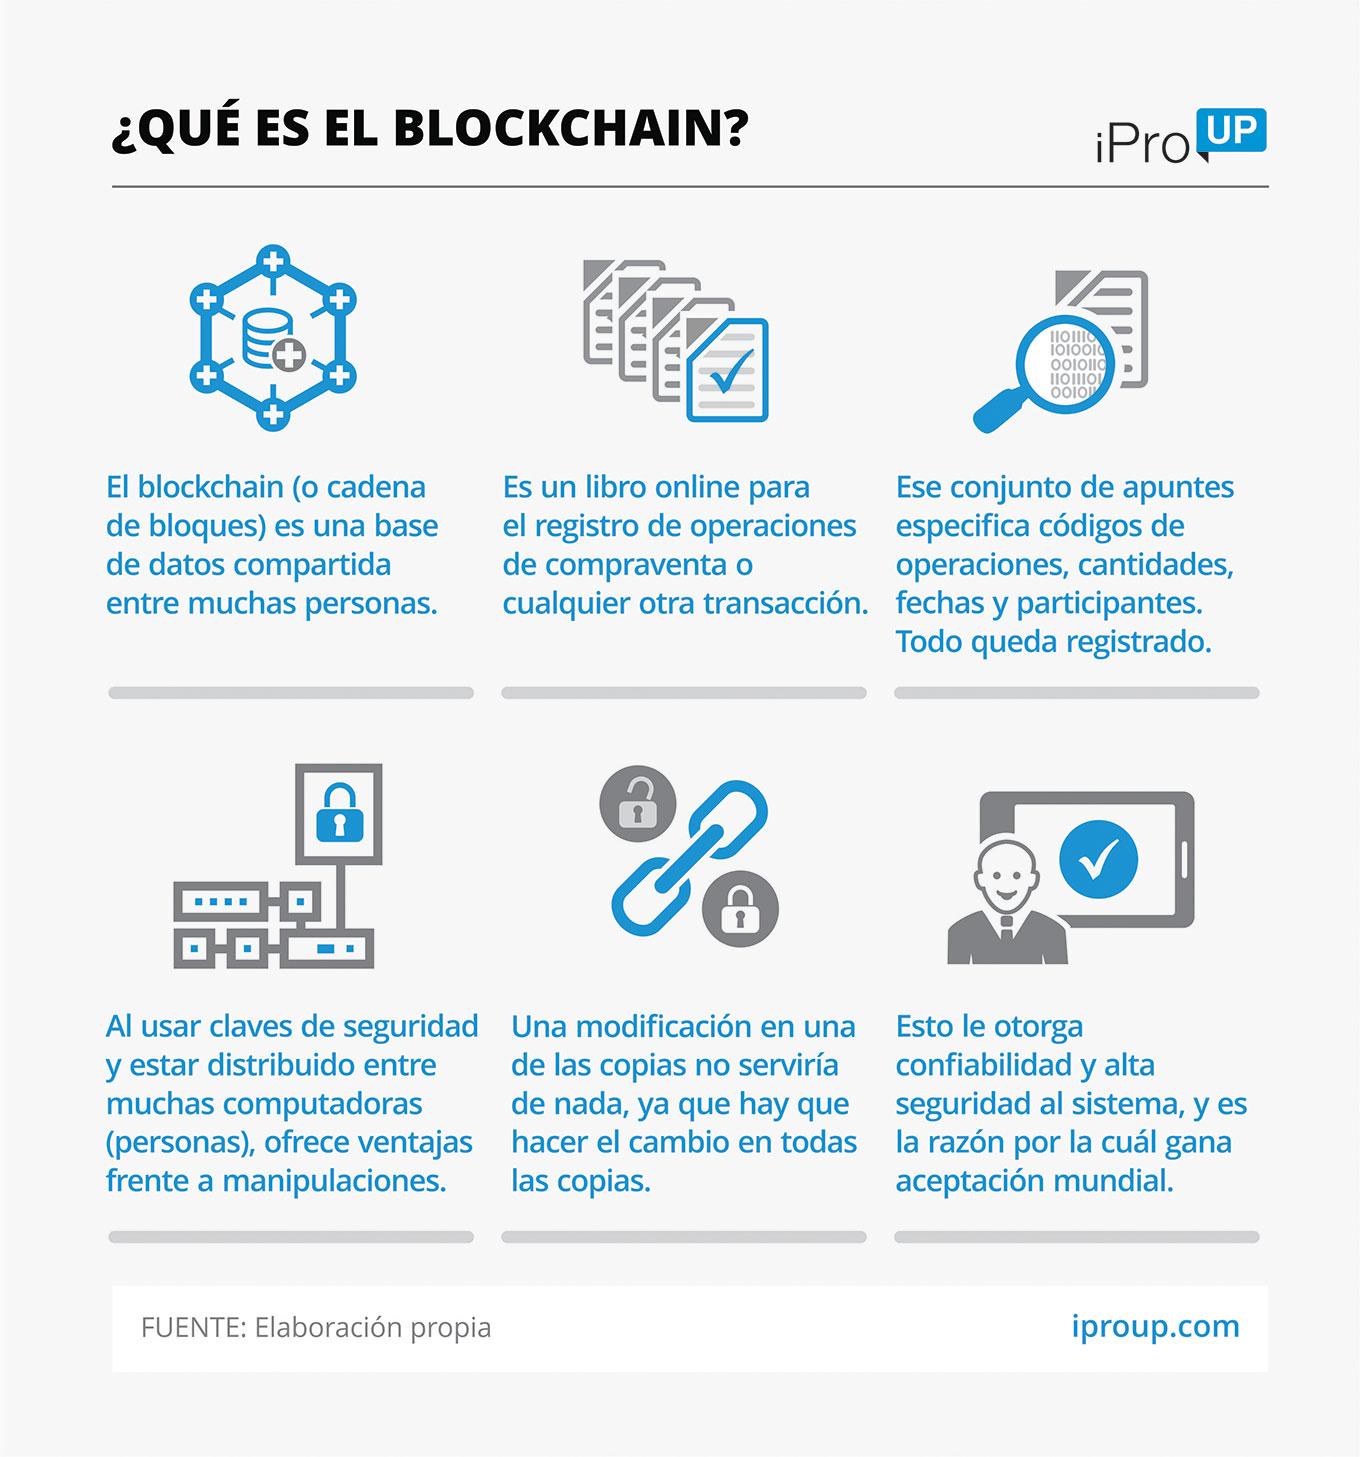 Algunos conceptos a tener en cuenta para entender el blockchain